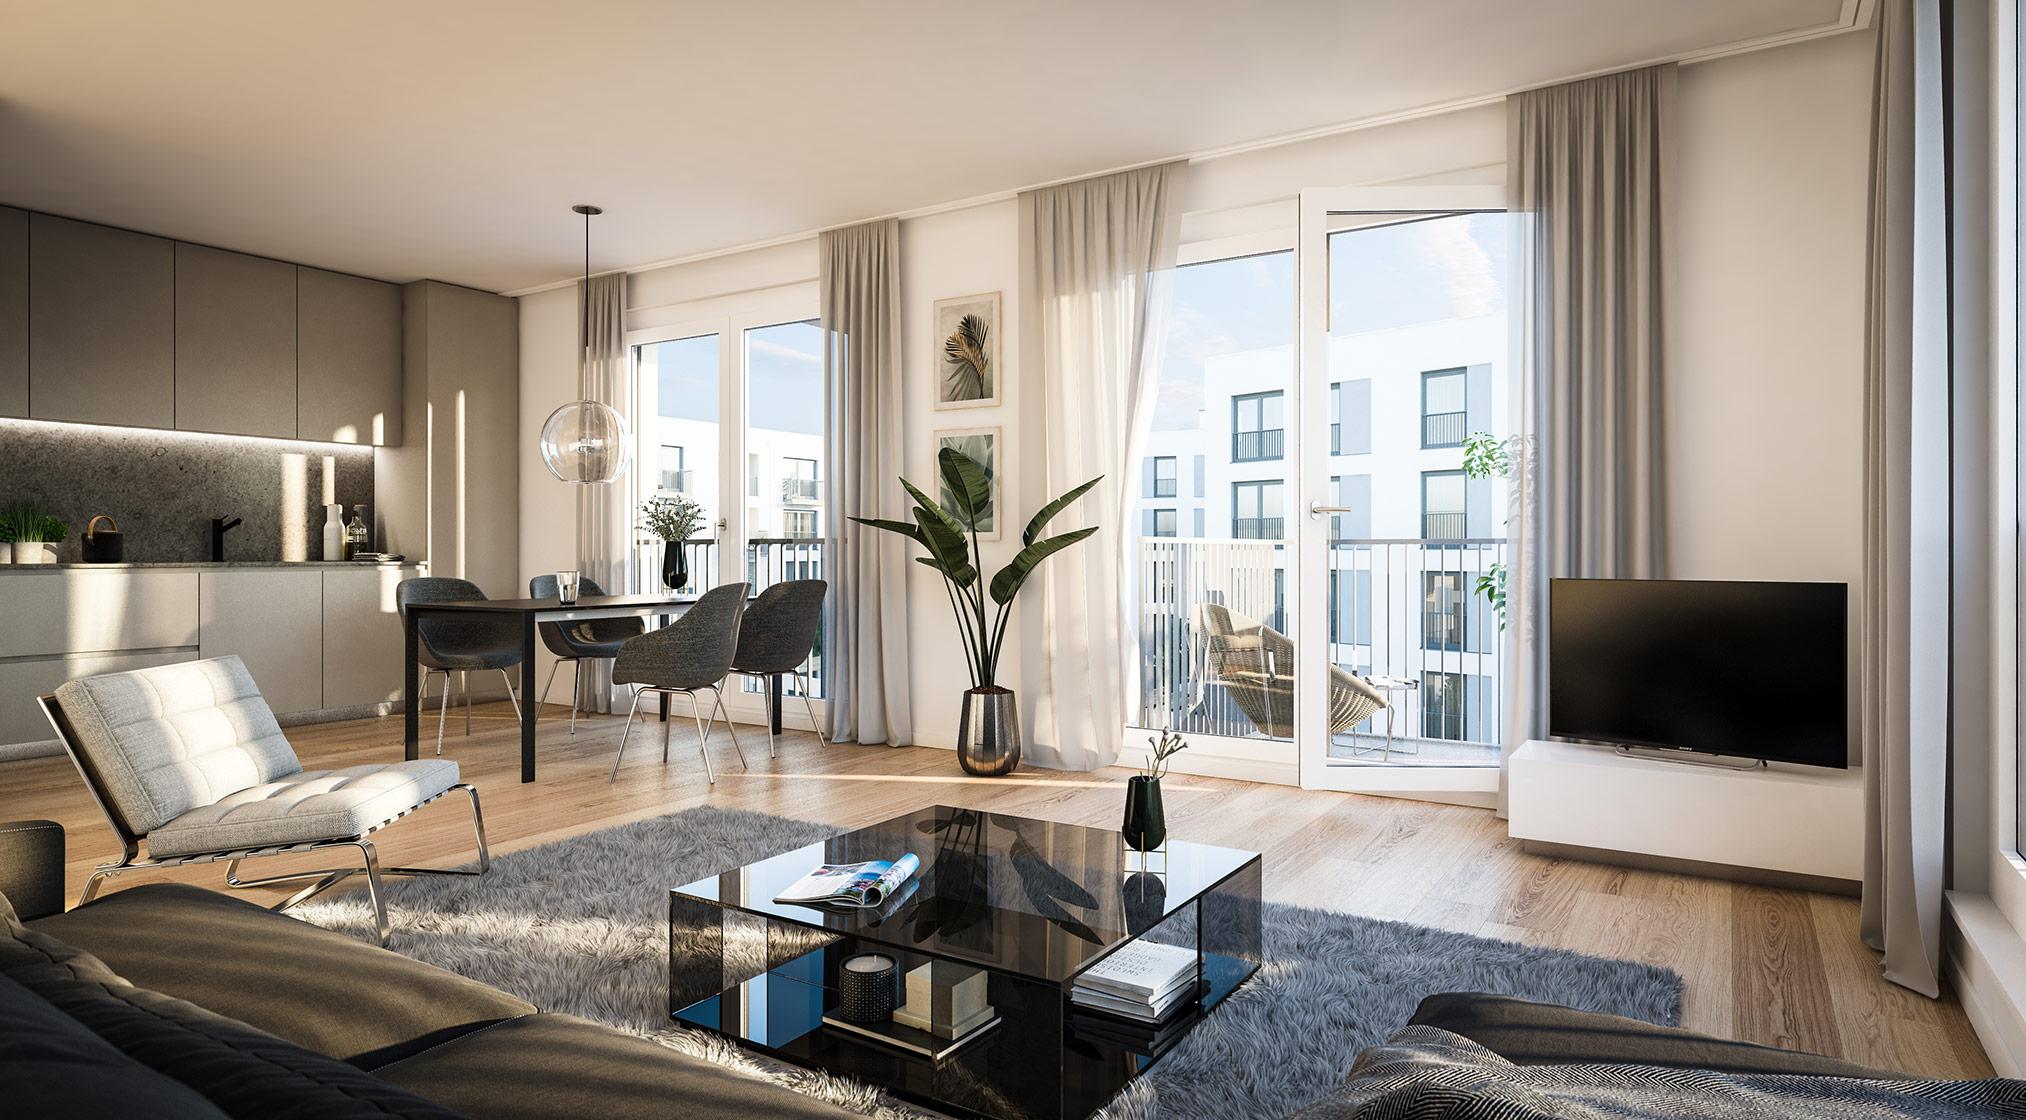 Immobilie Alexisquartier - Wohnen an der Allee - Projektdetails - Illustration 3